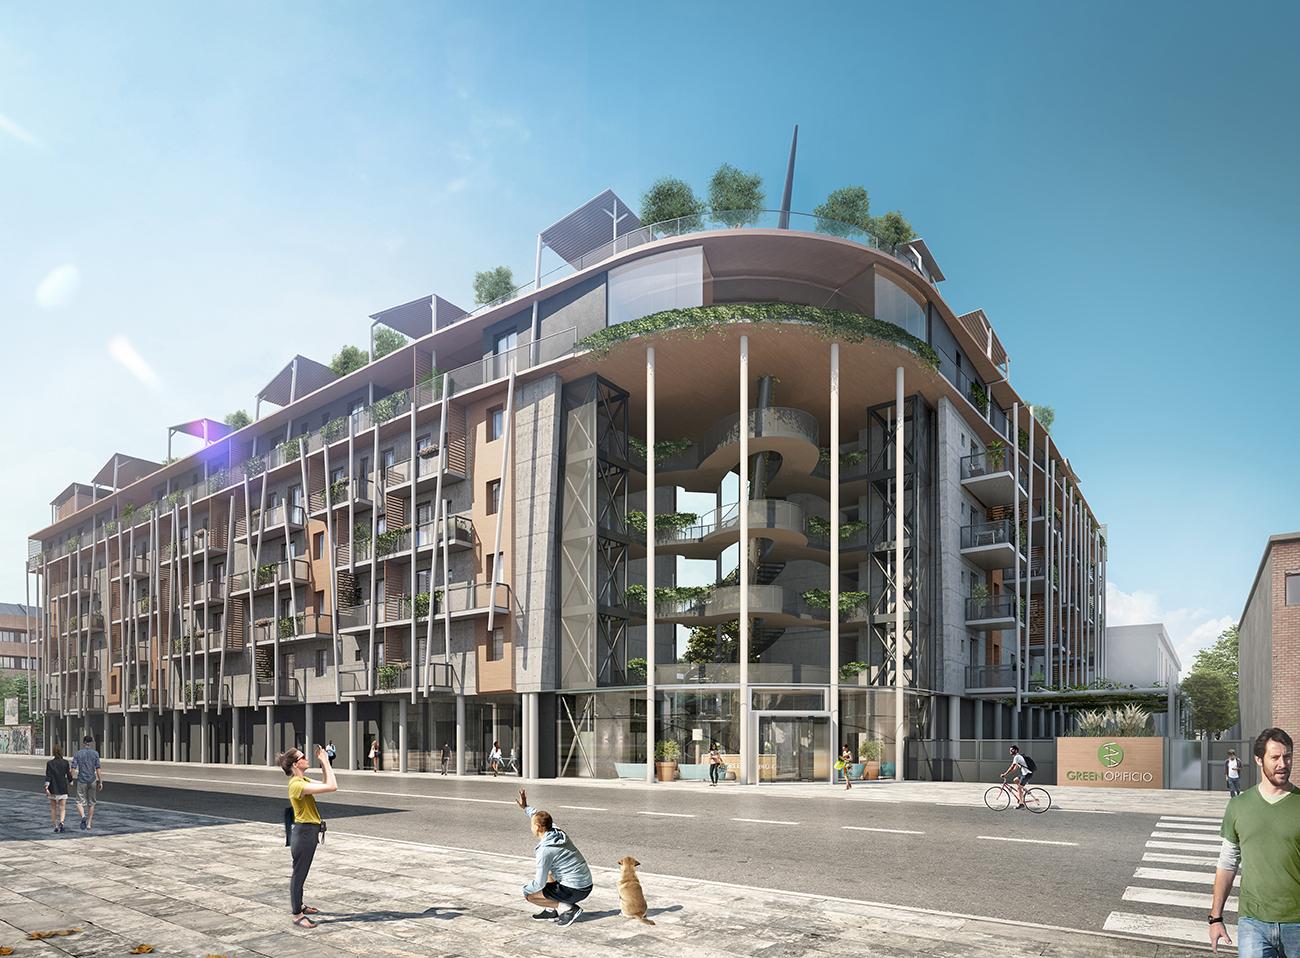 3a architetti Green Opificio